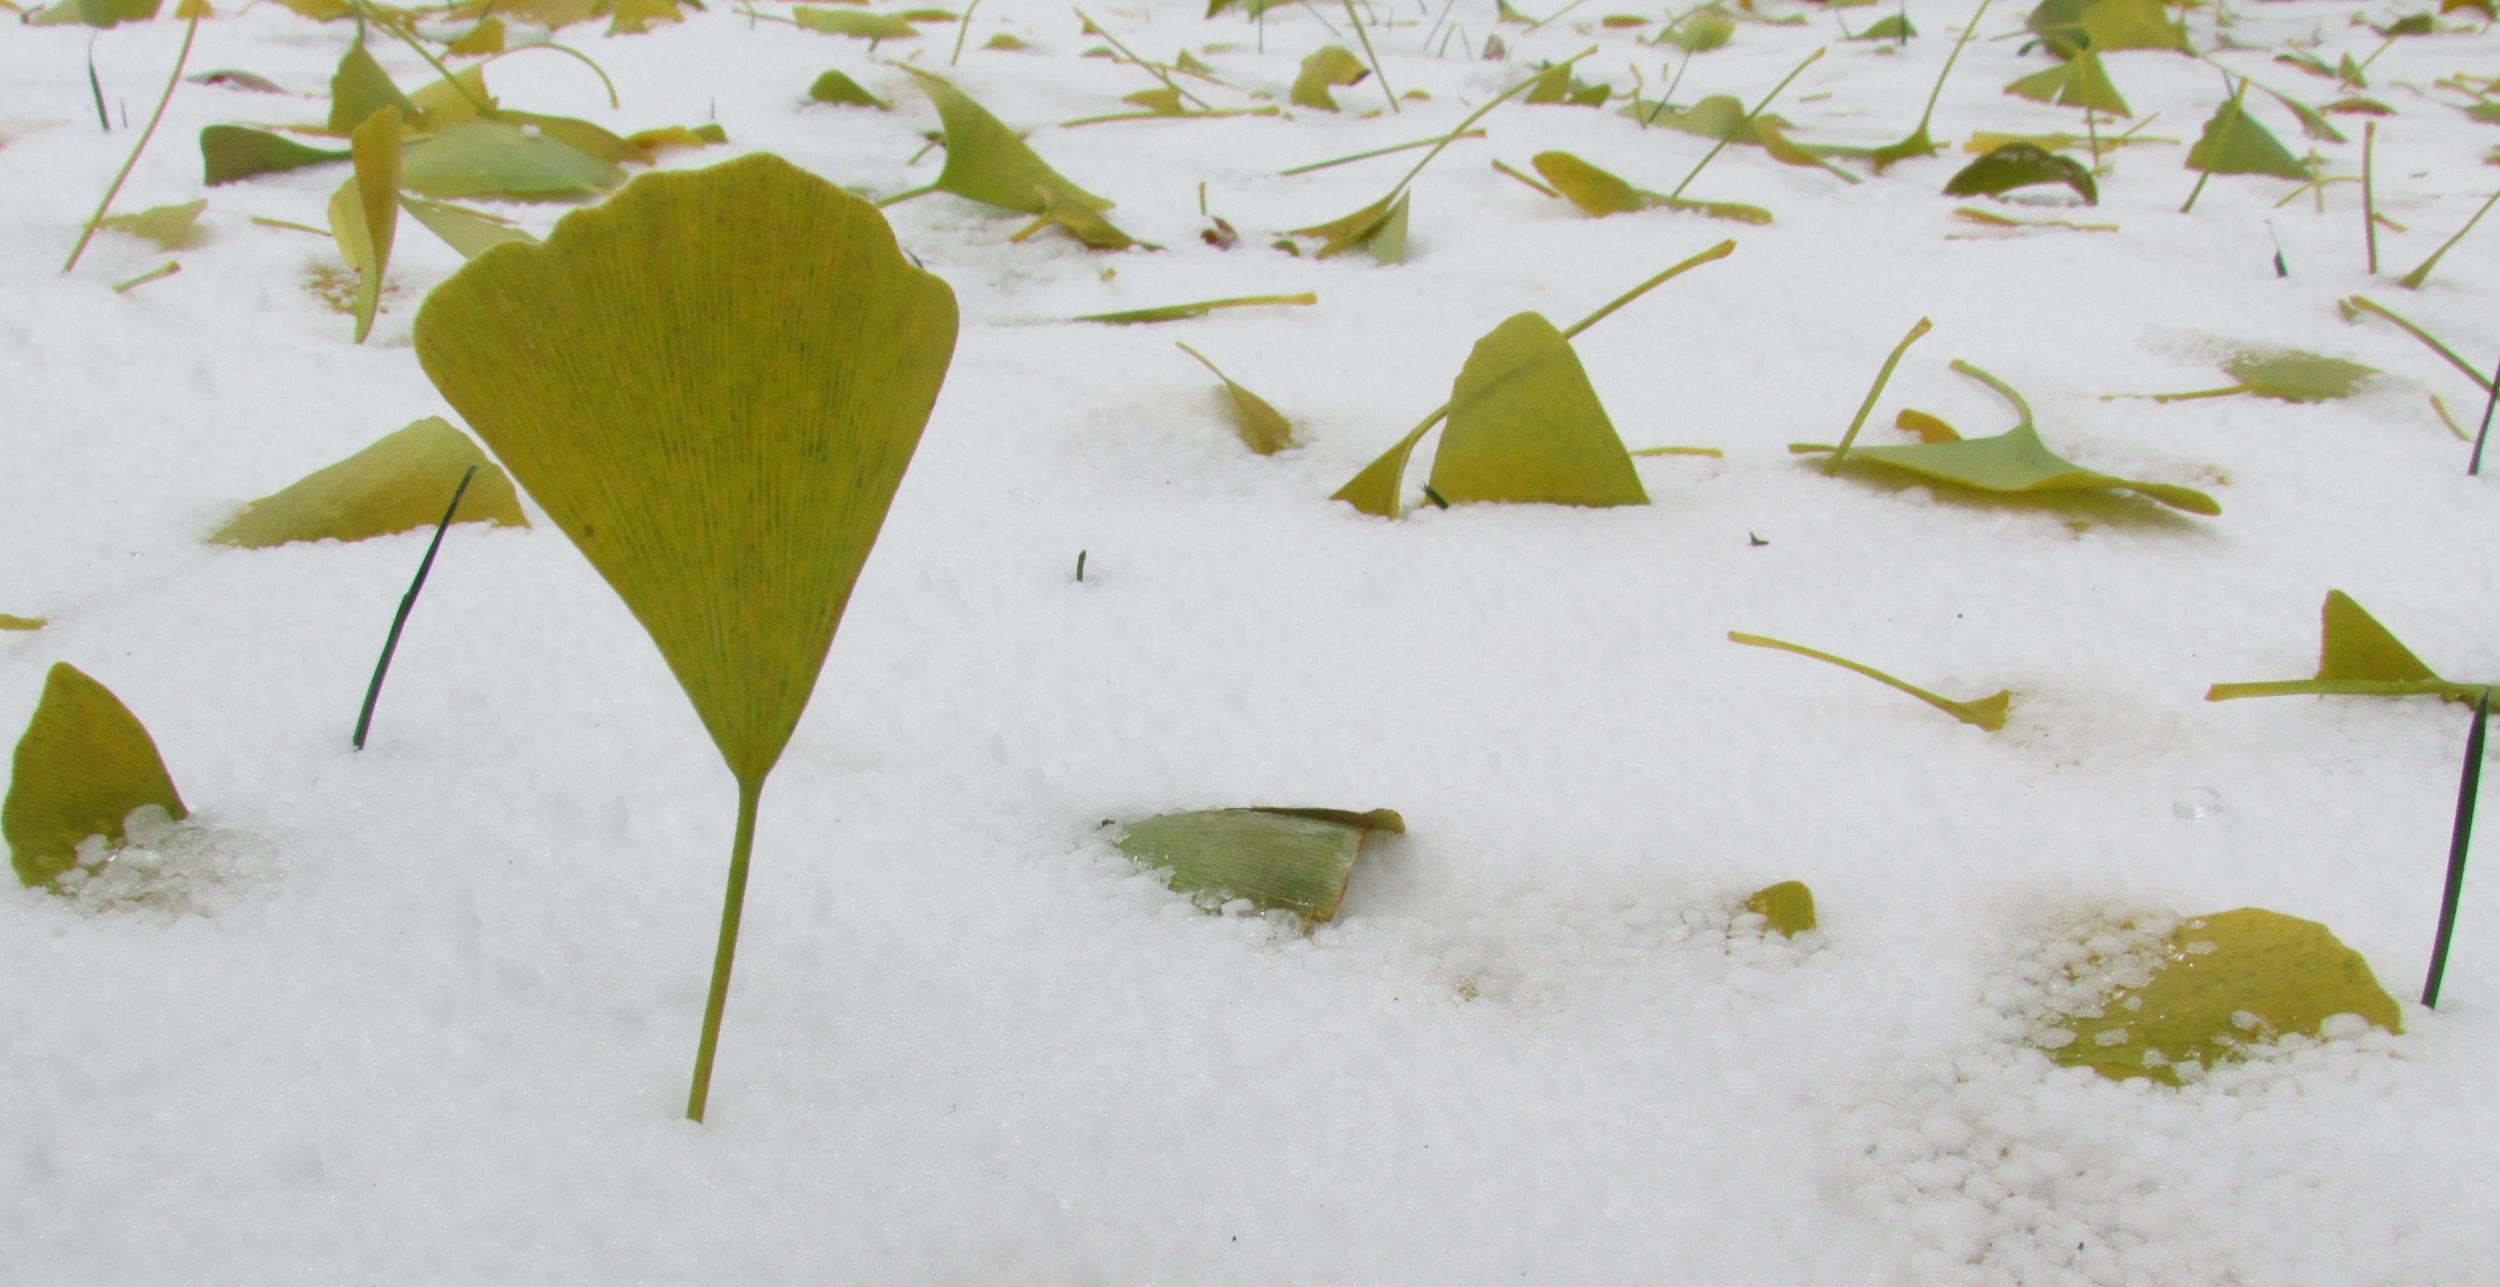 Leaf snow 2.jpg